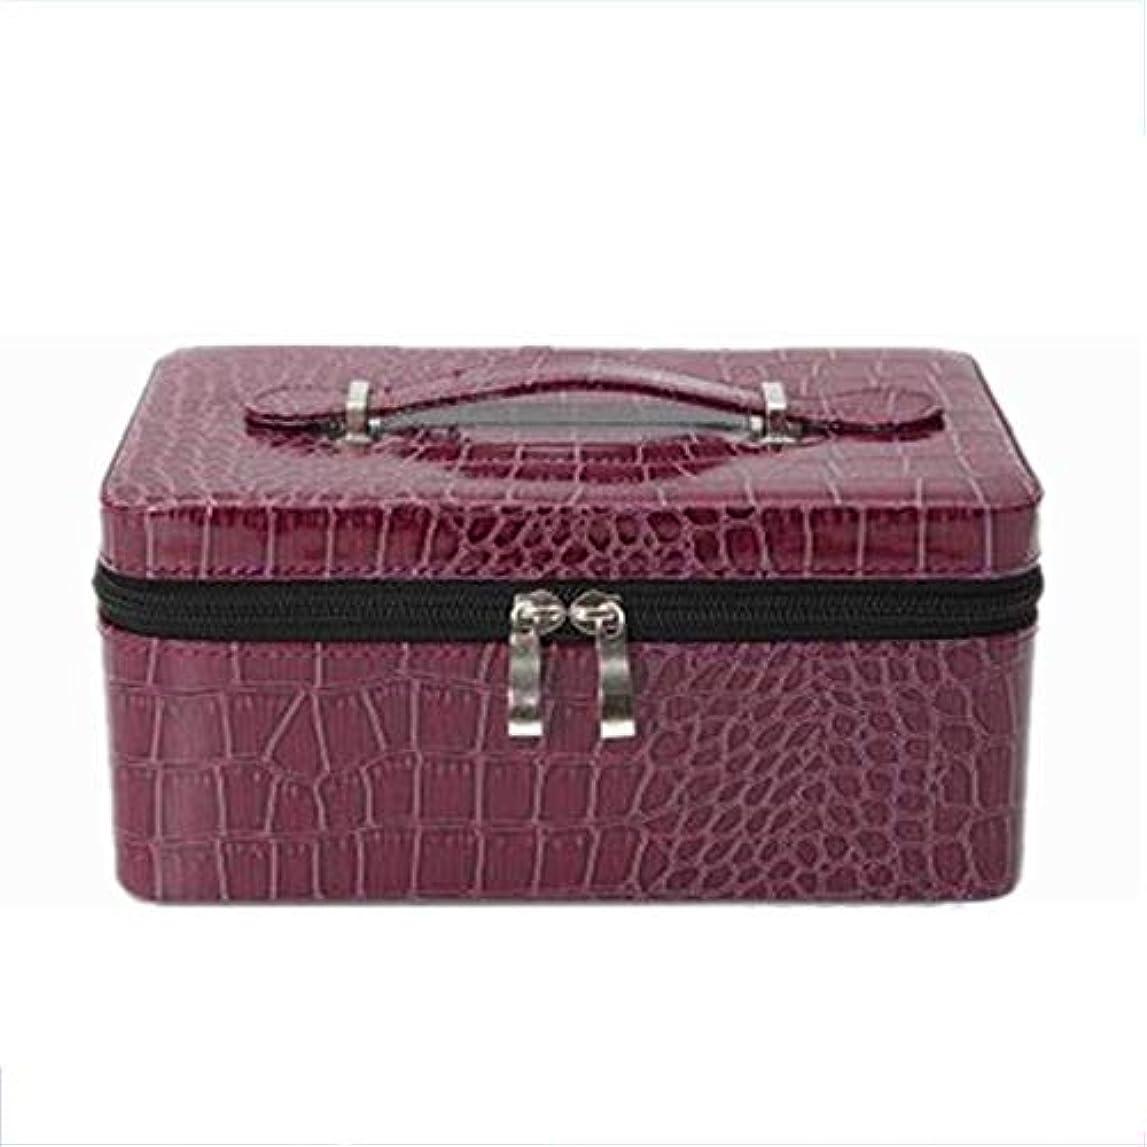 傀儡オーバーコートオプショナルエッセンシャルオイルボックス 旅行主催2-15用PU石油貯蔵スーツケースは完璧な旅行の荷物をまとめmlの アロマセラピー収納ボックス (色 : 紫の, サイズ : 22.5X14.8X10.3CM)